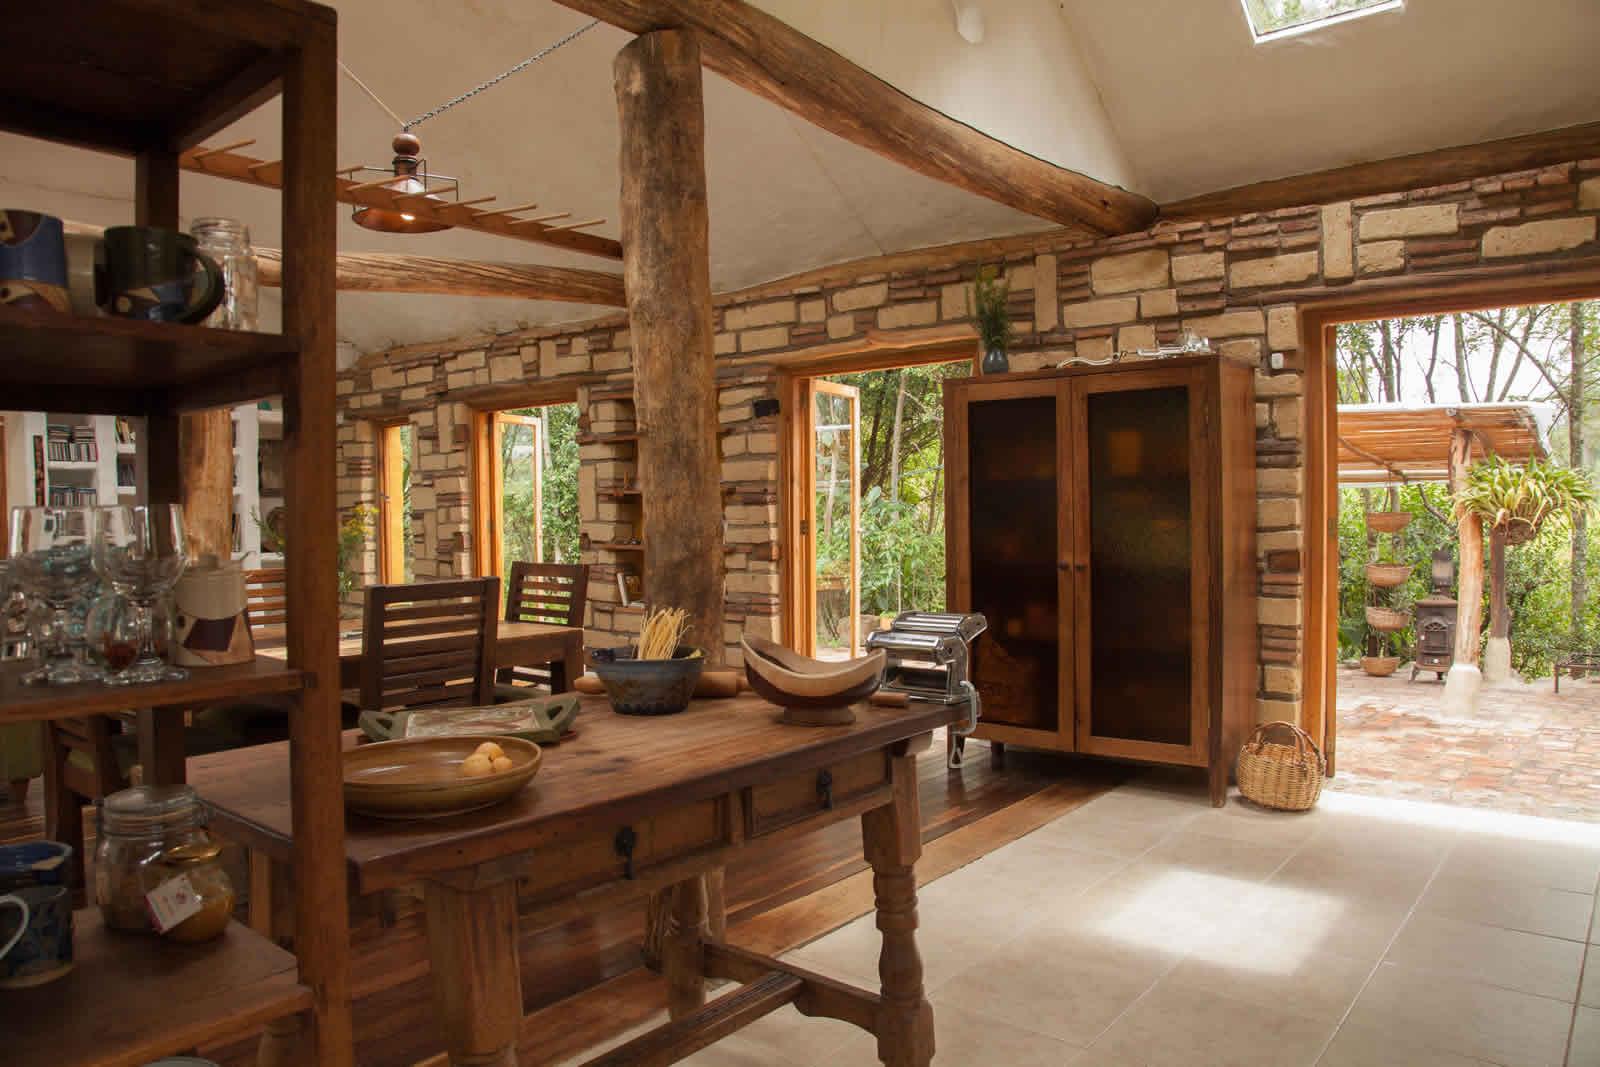 Alquiler cabaña La Colorada 2 en Villa de Leyva - Entrada